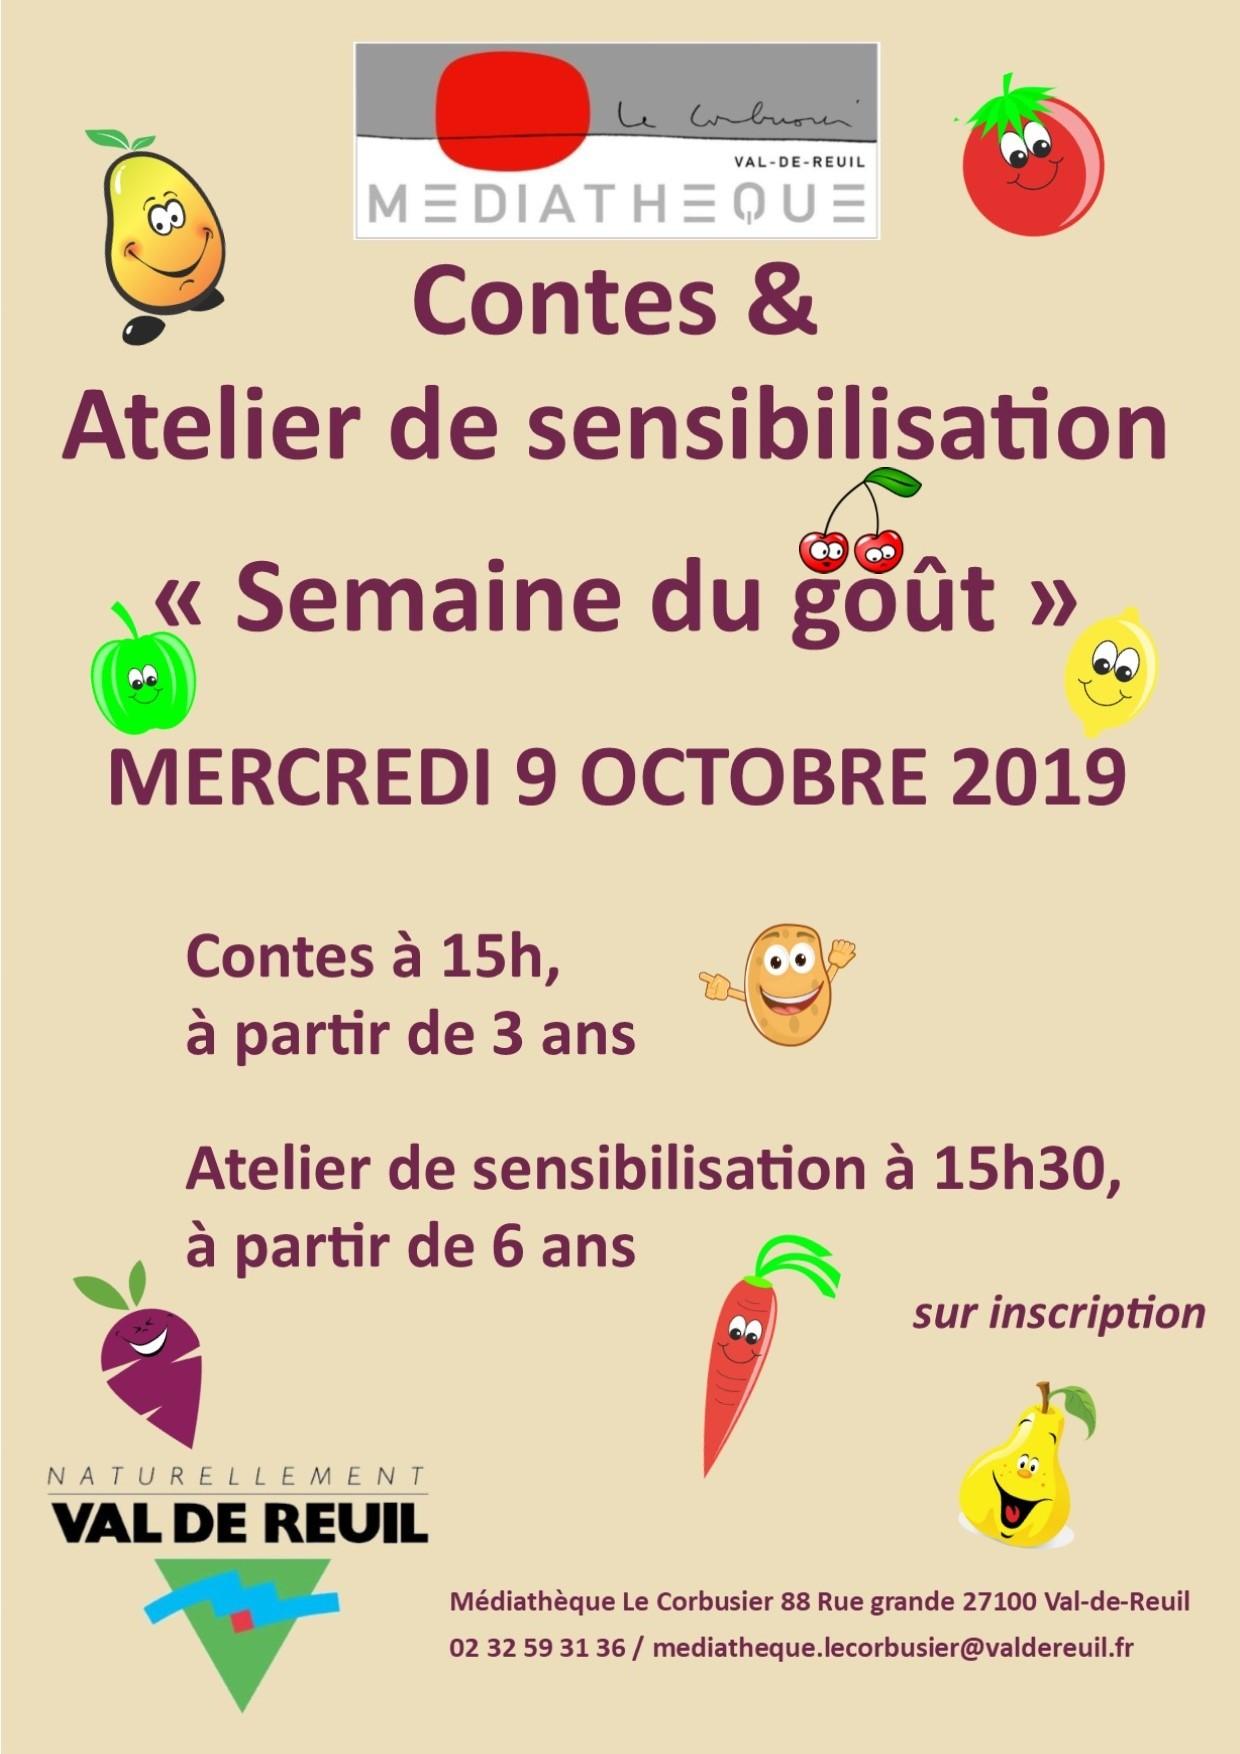 """Contes et atelier de sensibilisation """"Semaine du goût """" à la médiathèque Le Corbusier"""